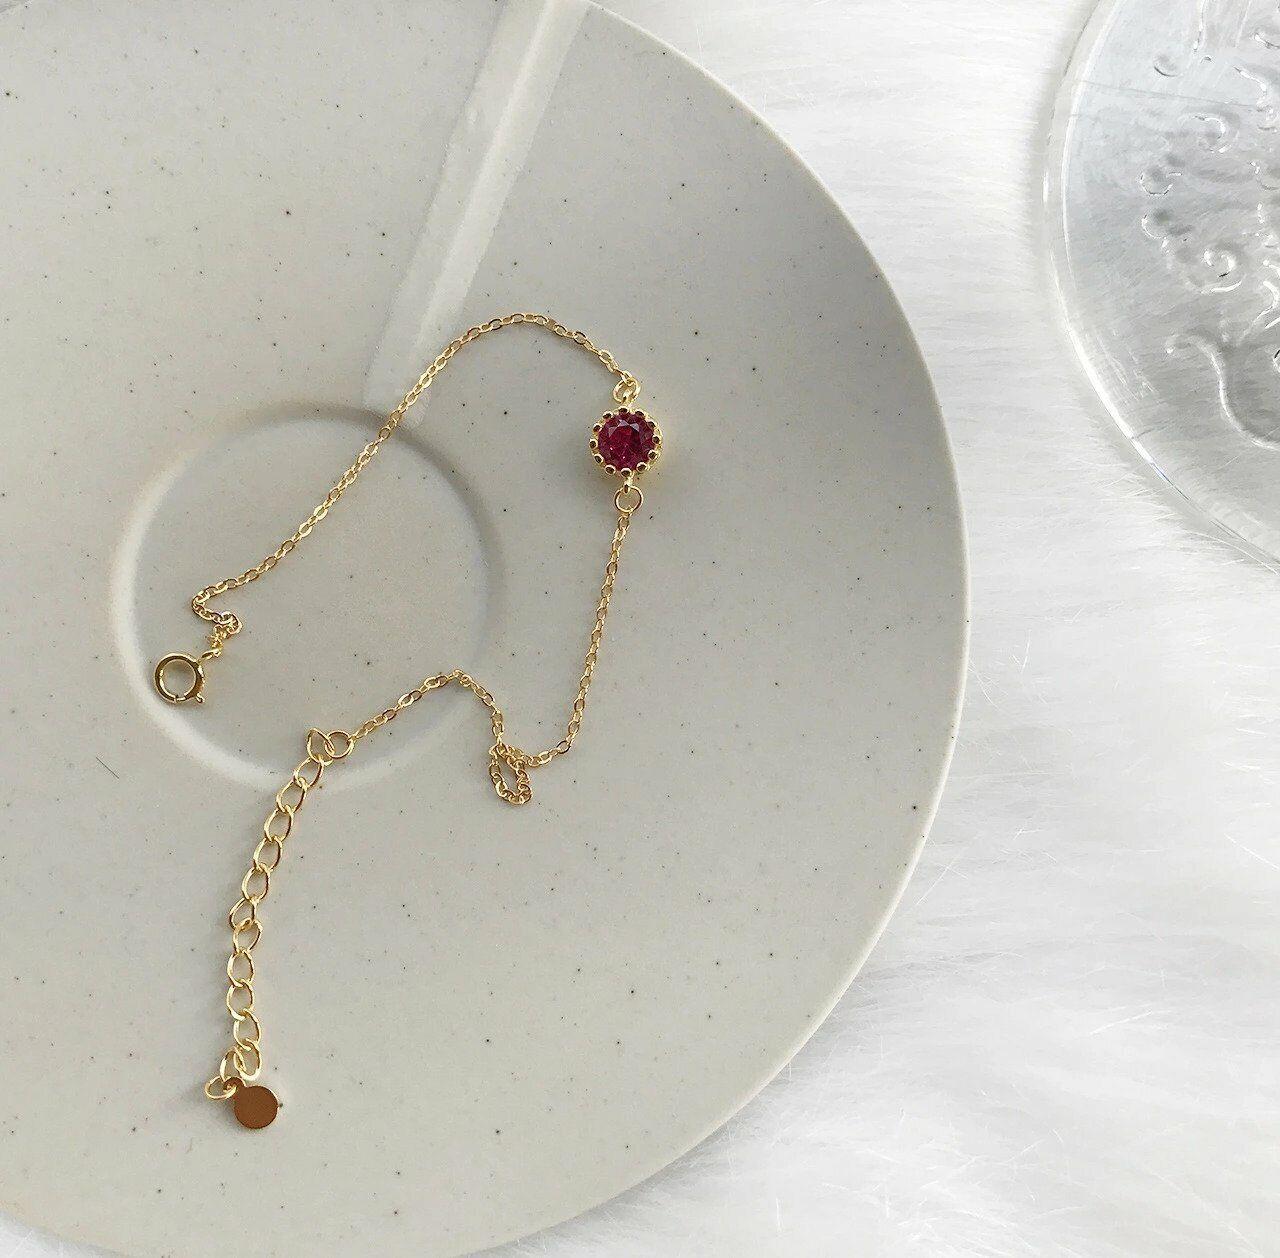 WOMEN BRACELET Jewelry 925 Sterling Silver 18K GOLD Plated